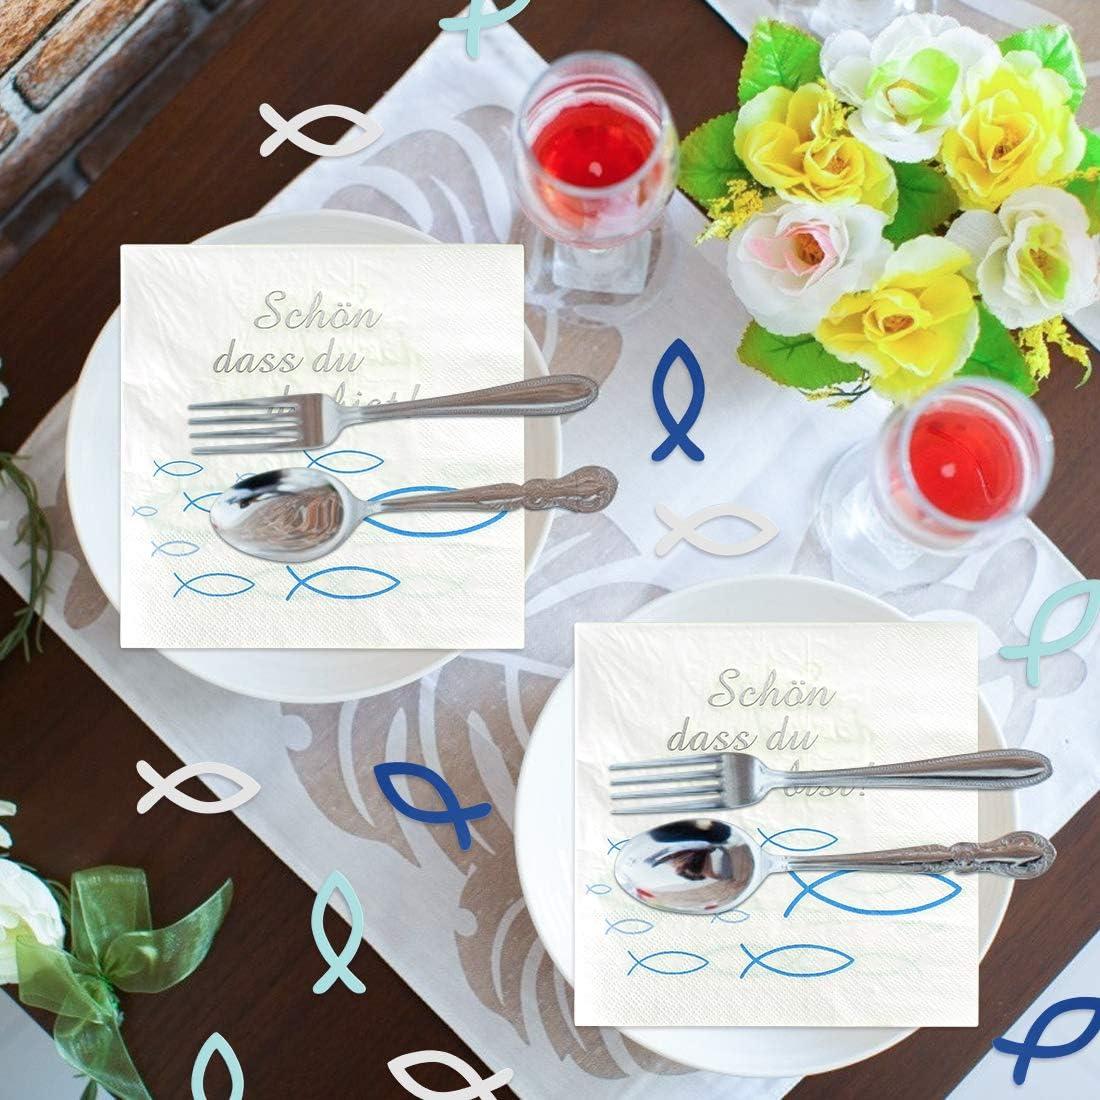 battesimo bambino cresima decorazione per battesimo turchese 80 pezzi in legno Tovaglioli a forma di pesce blu per cresima comunione per ragazzi decorazione da tavolo